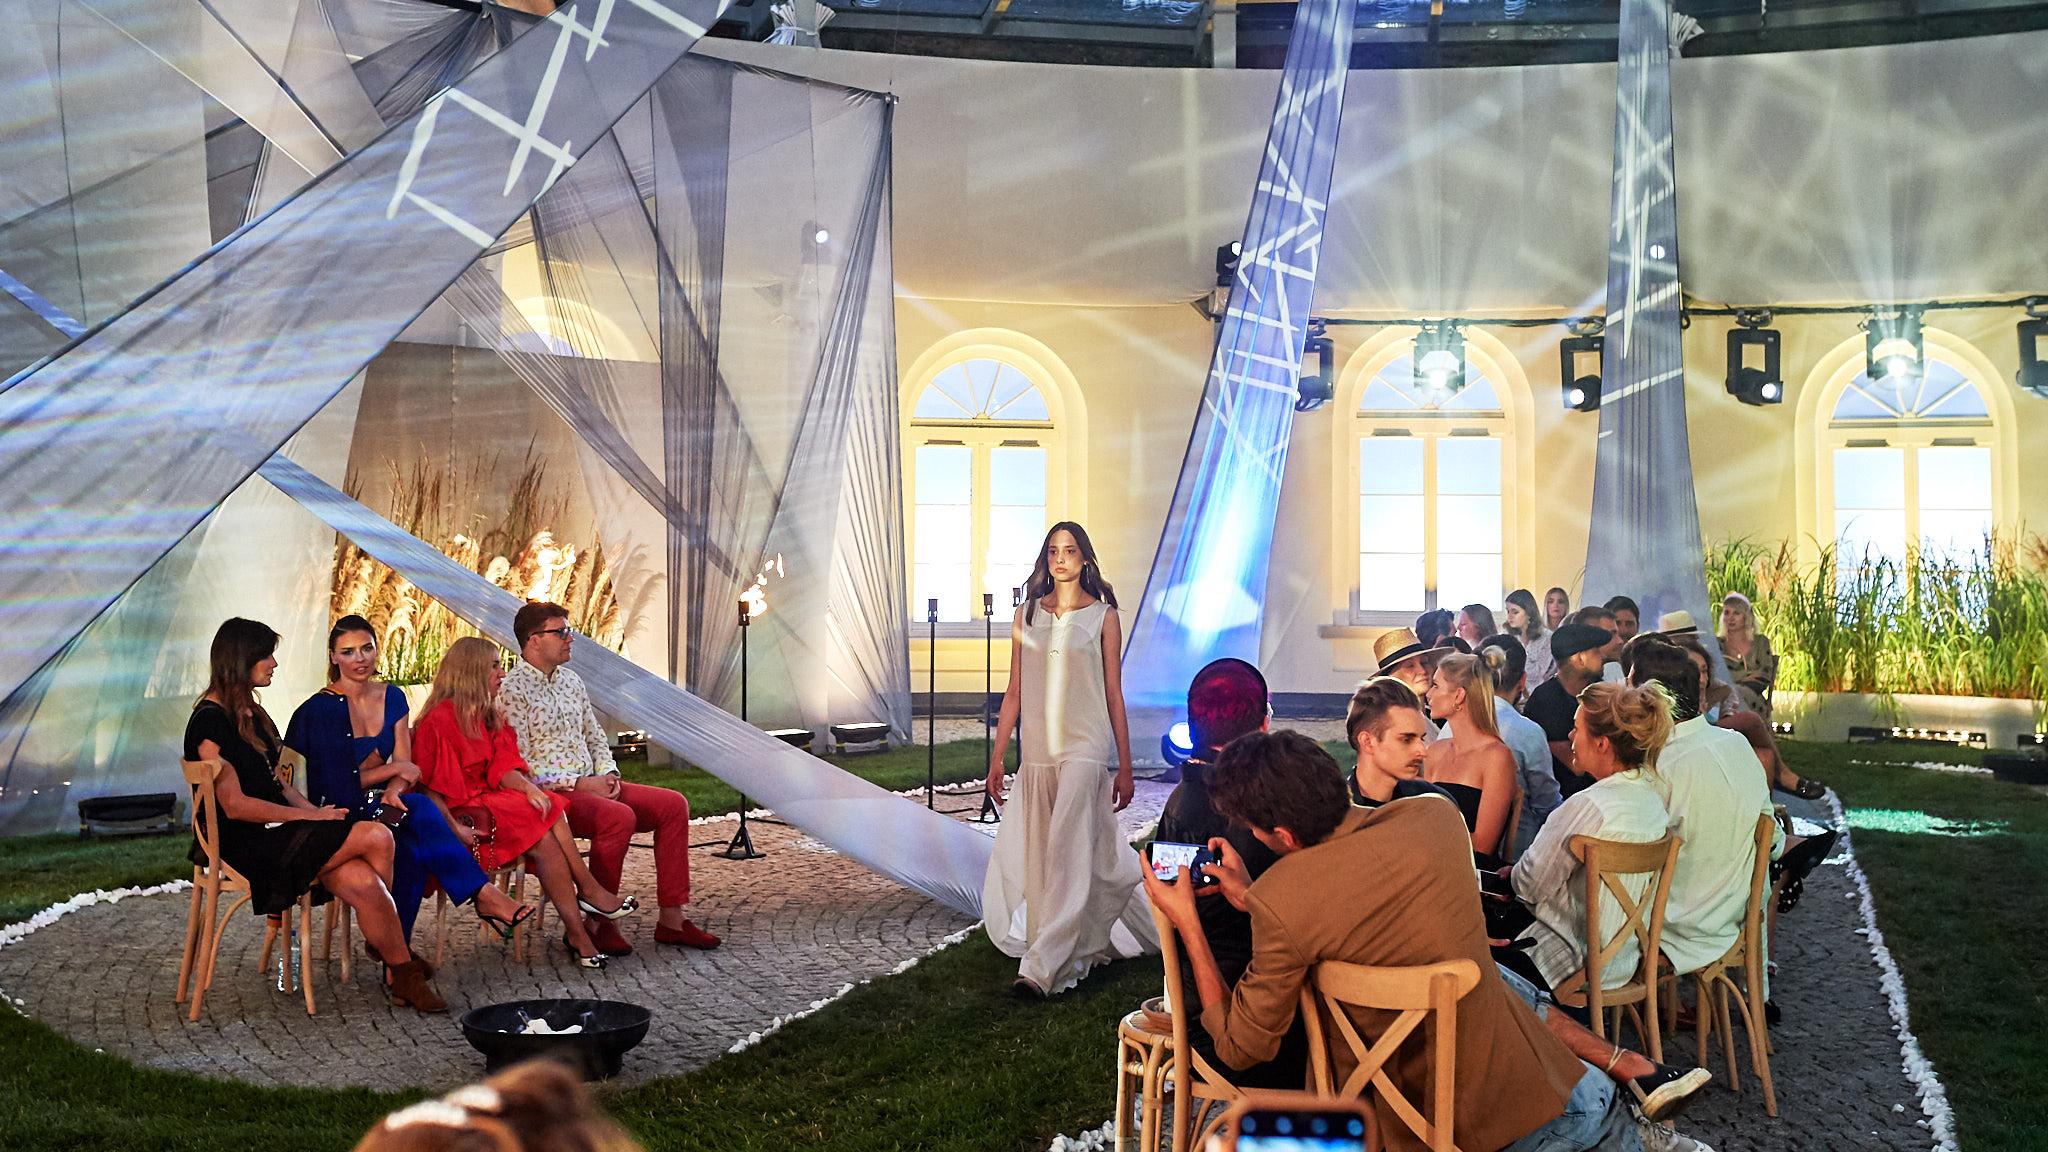 46_MMC-010719-lowres-fotFilipOkopny-FashionImages